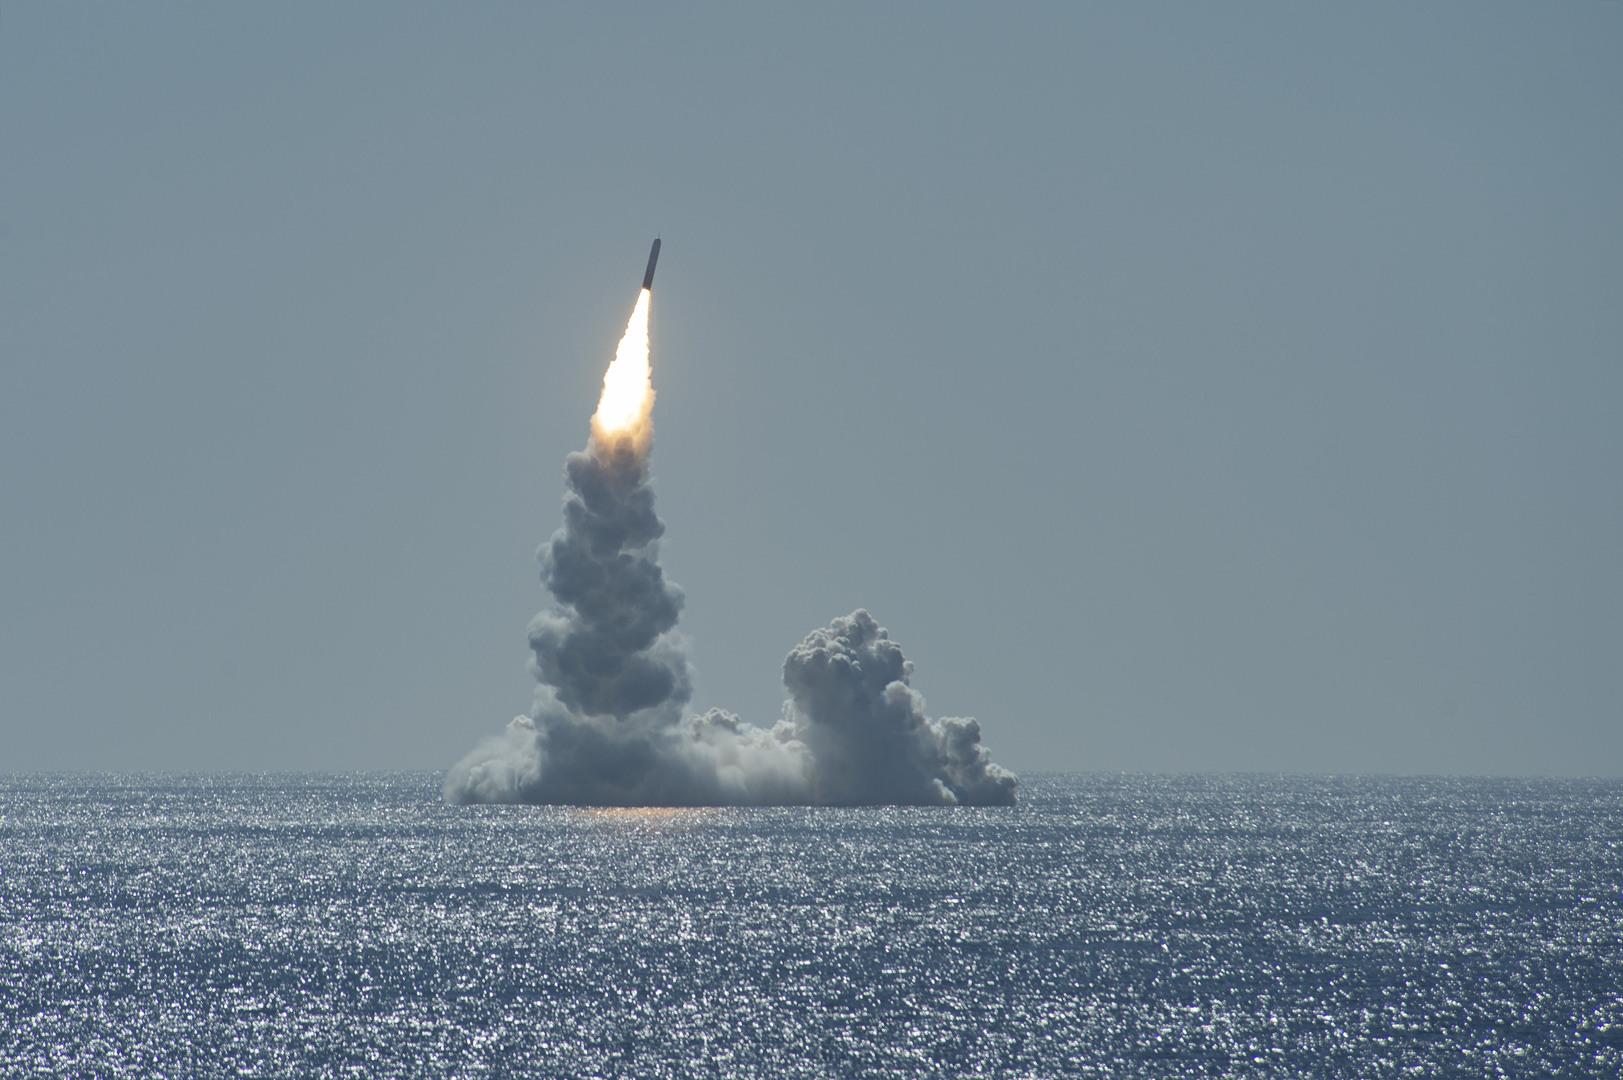 كوريا الجنوبية تصبح سابع دولة عالميا تنجح في إطلاق صاروخ باليستي من غواصة